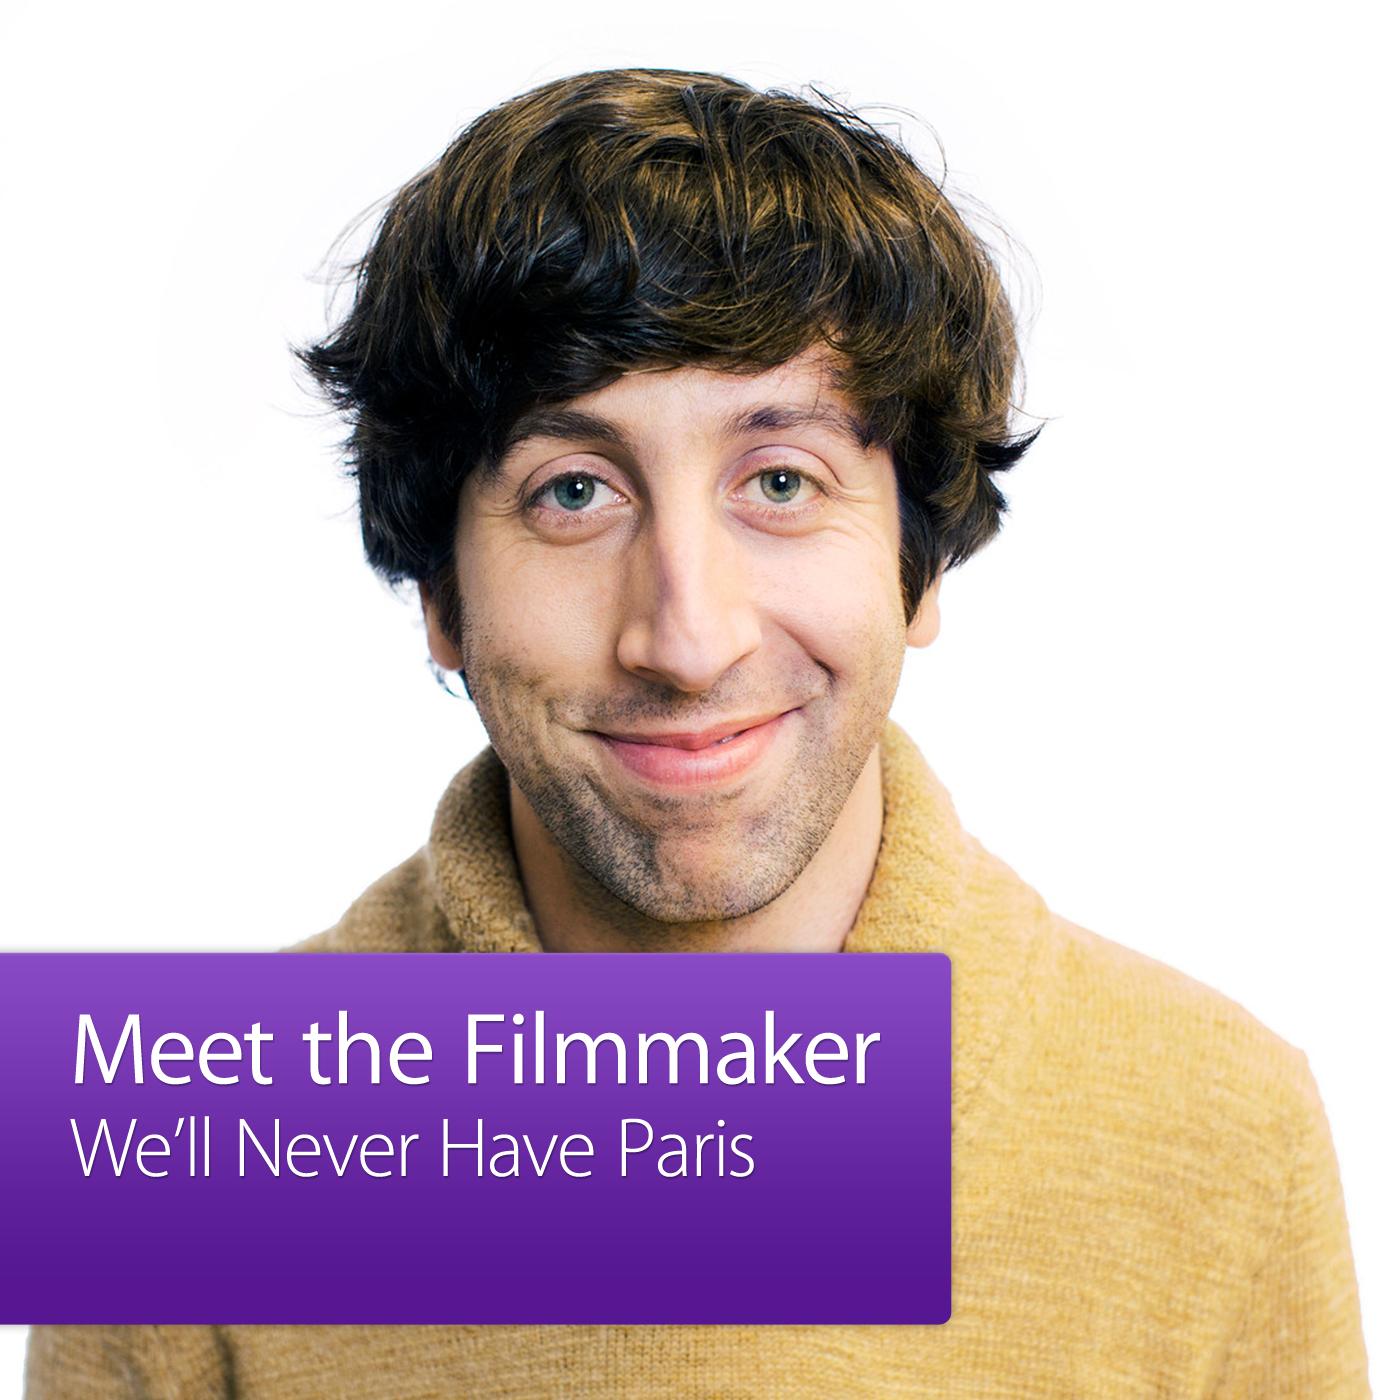 We'll Never Have Paris: Meet The Filmmaker